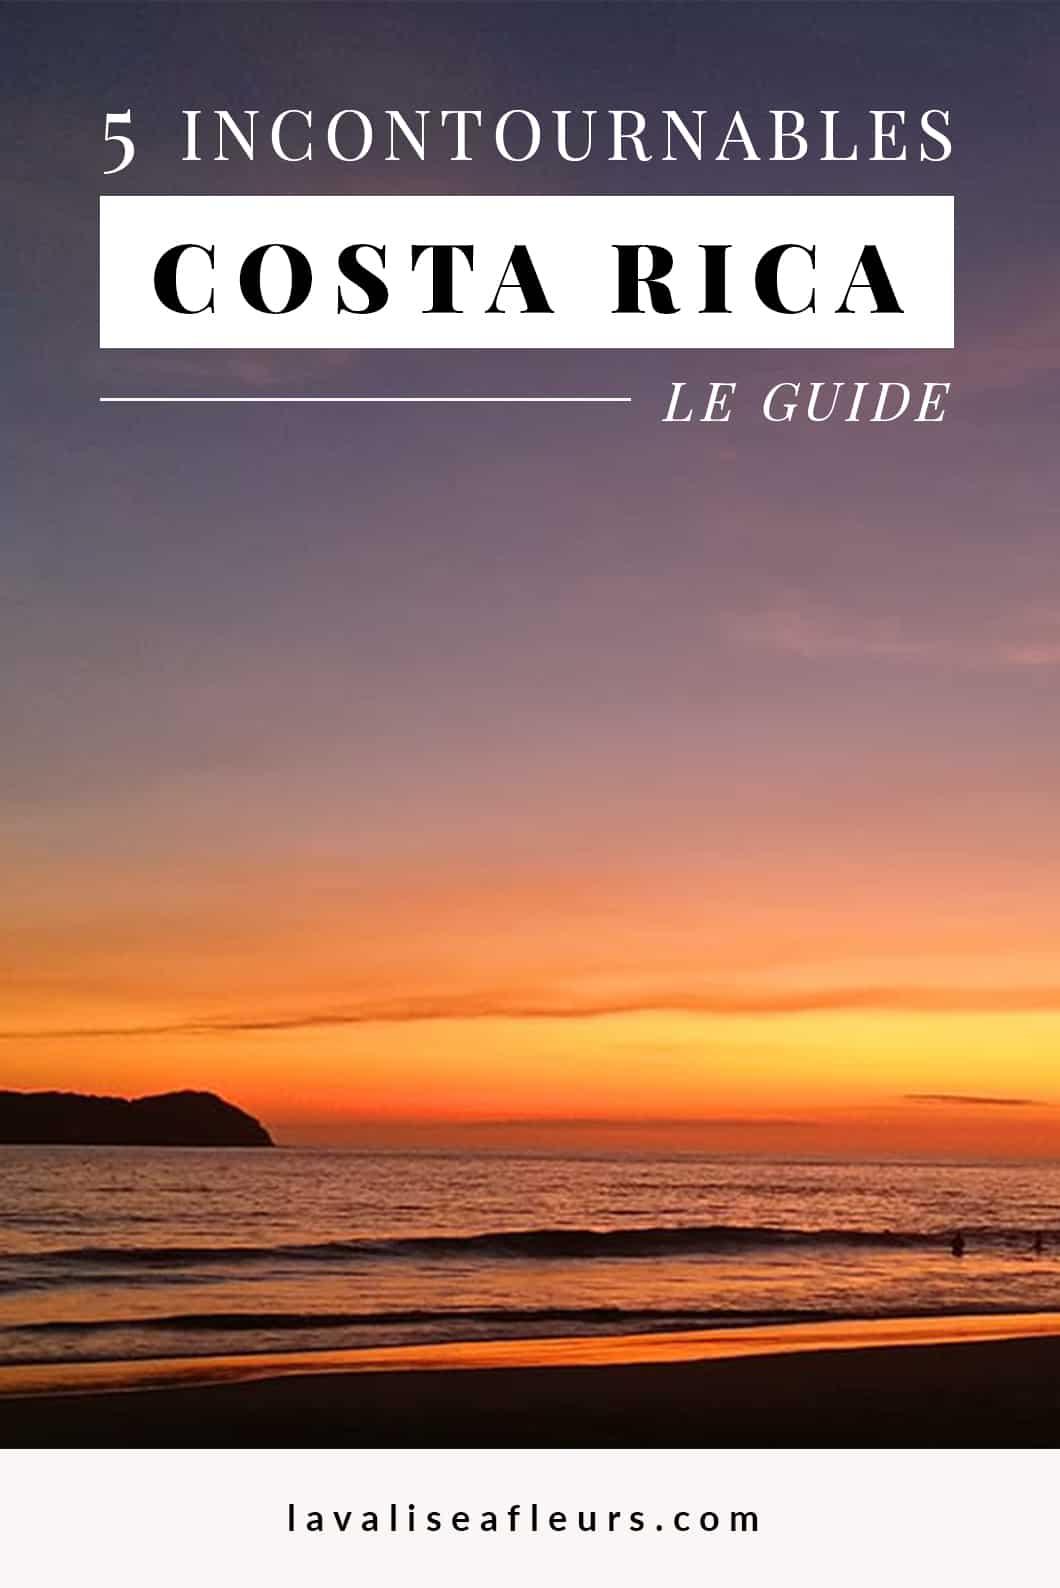 5 incontournables au Costa Rica